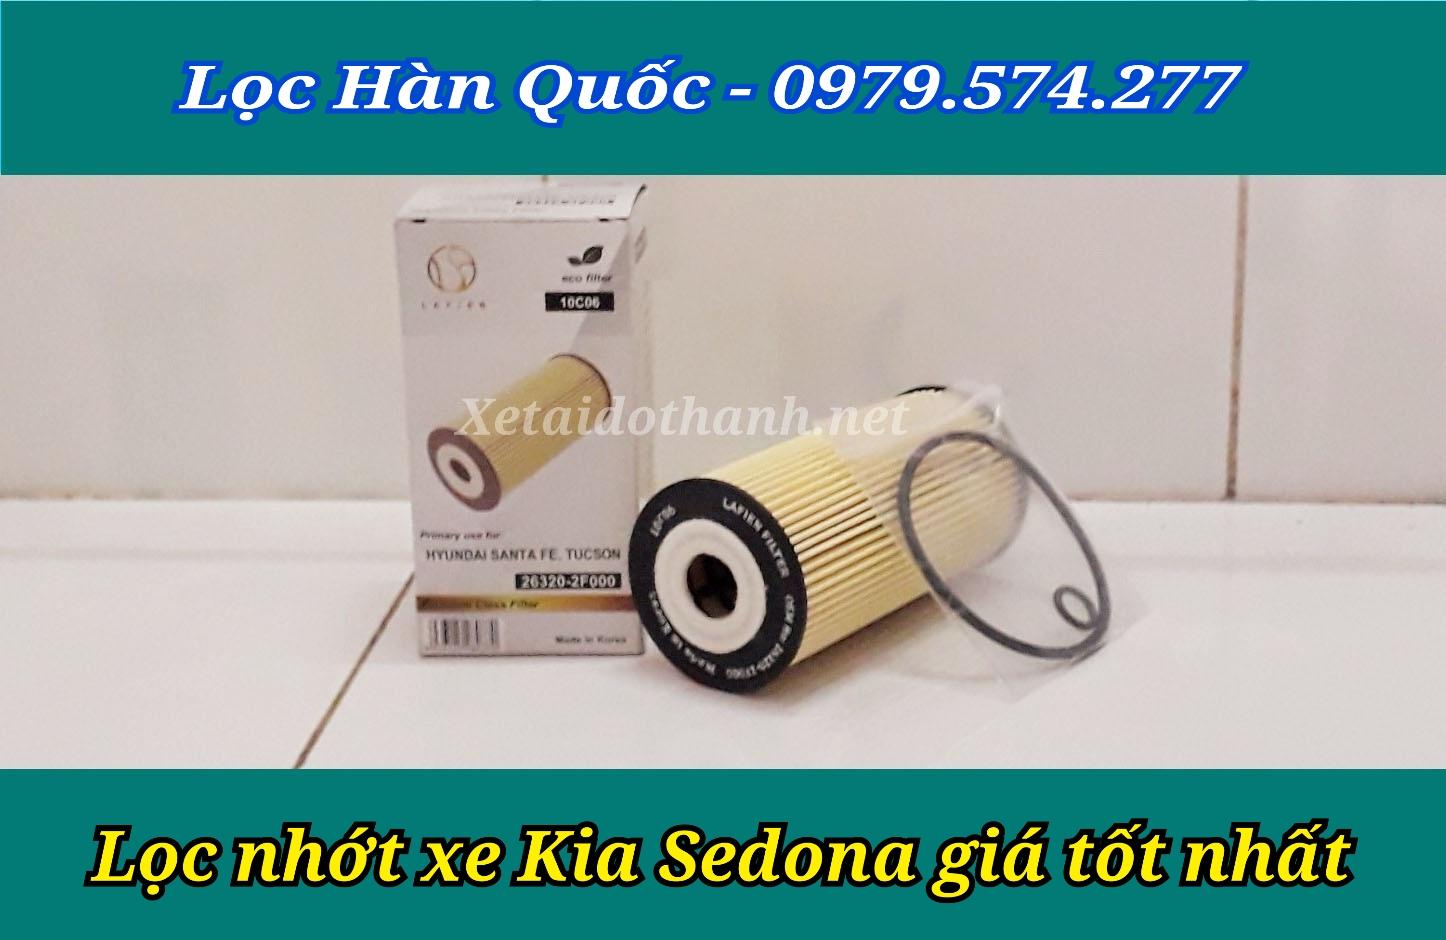 Lọc nhớt xe Sedona chất lượng